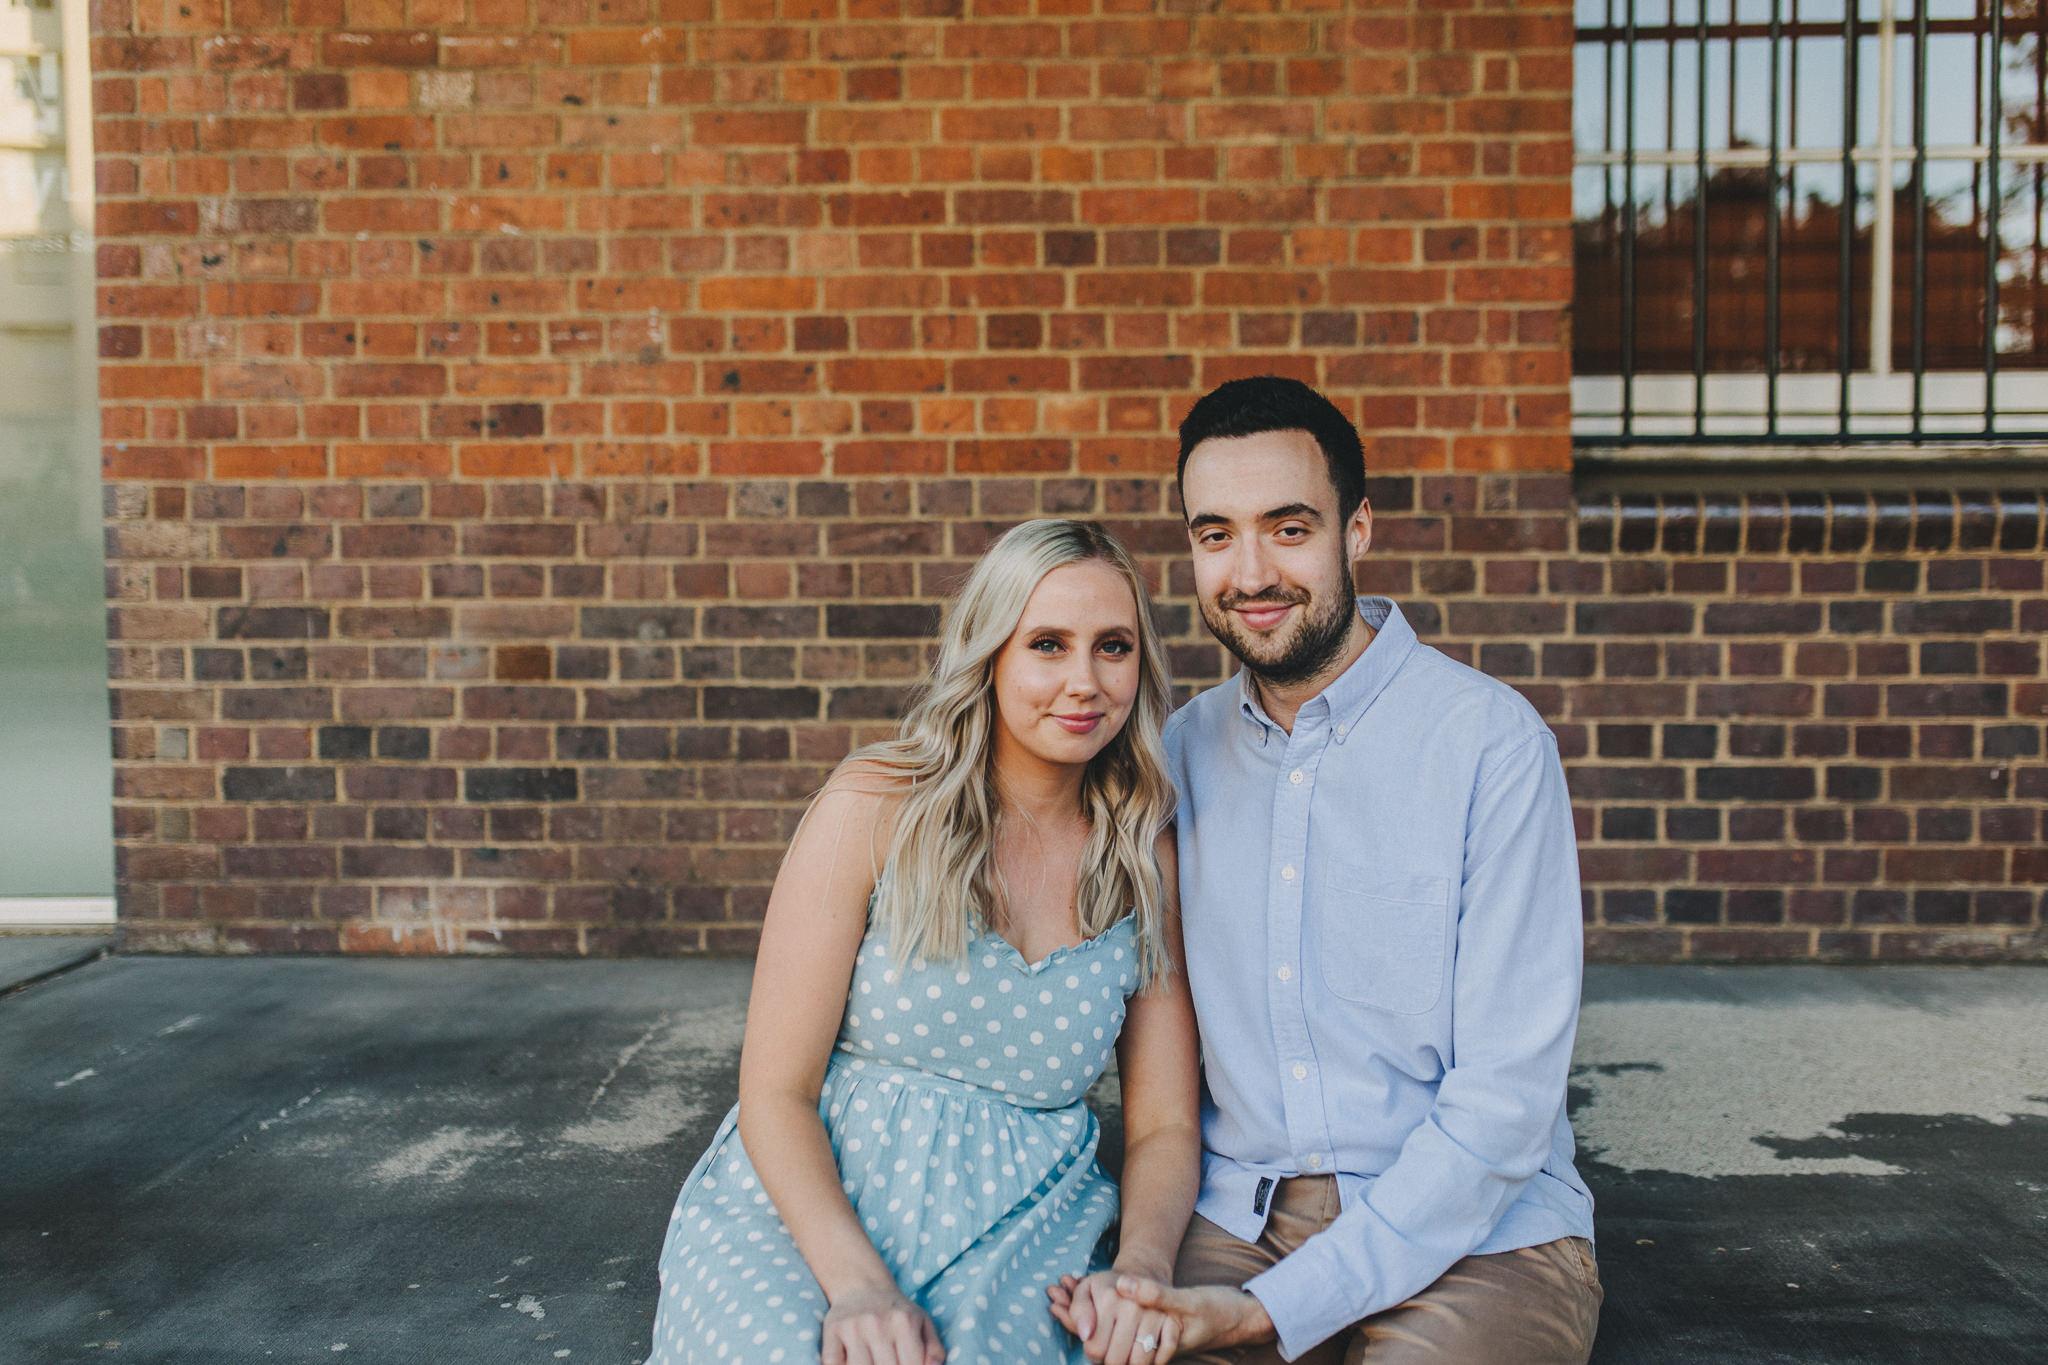 Carley&Anthony-Engagement-resized-49 - Family Photoshoots Brisbane